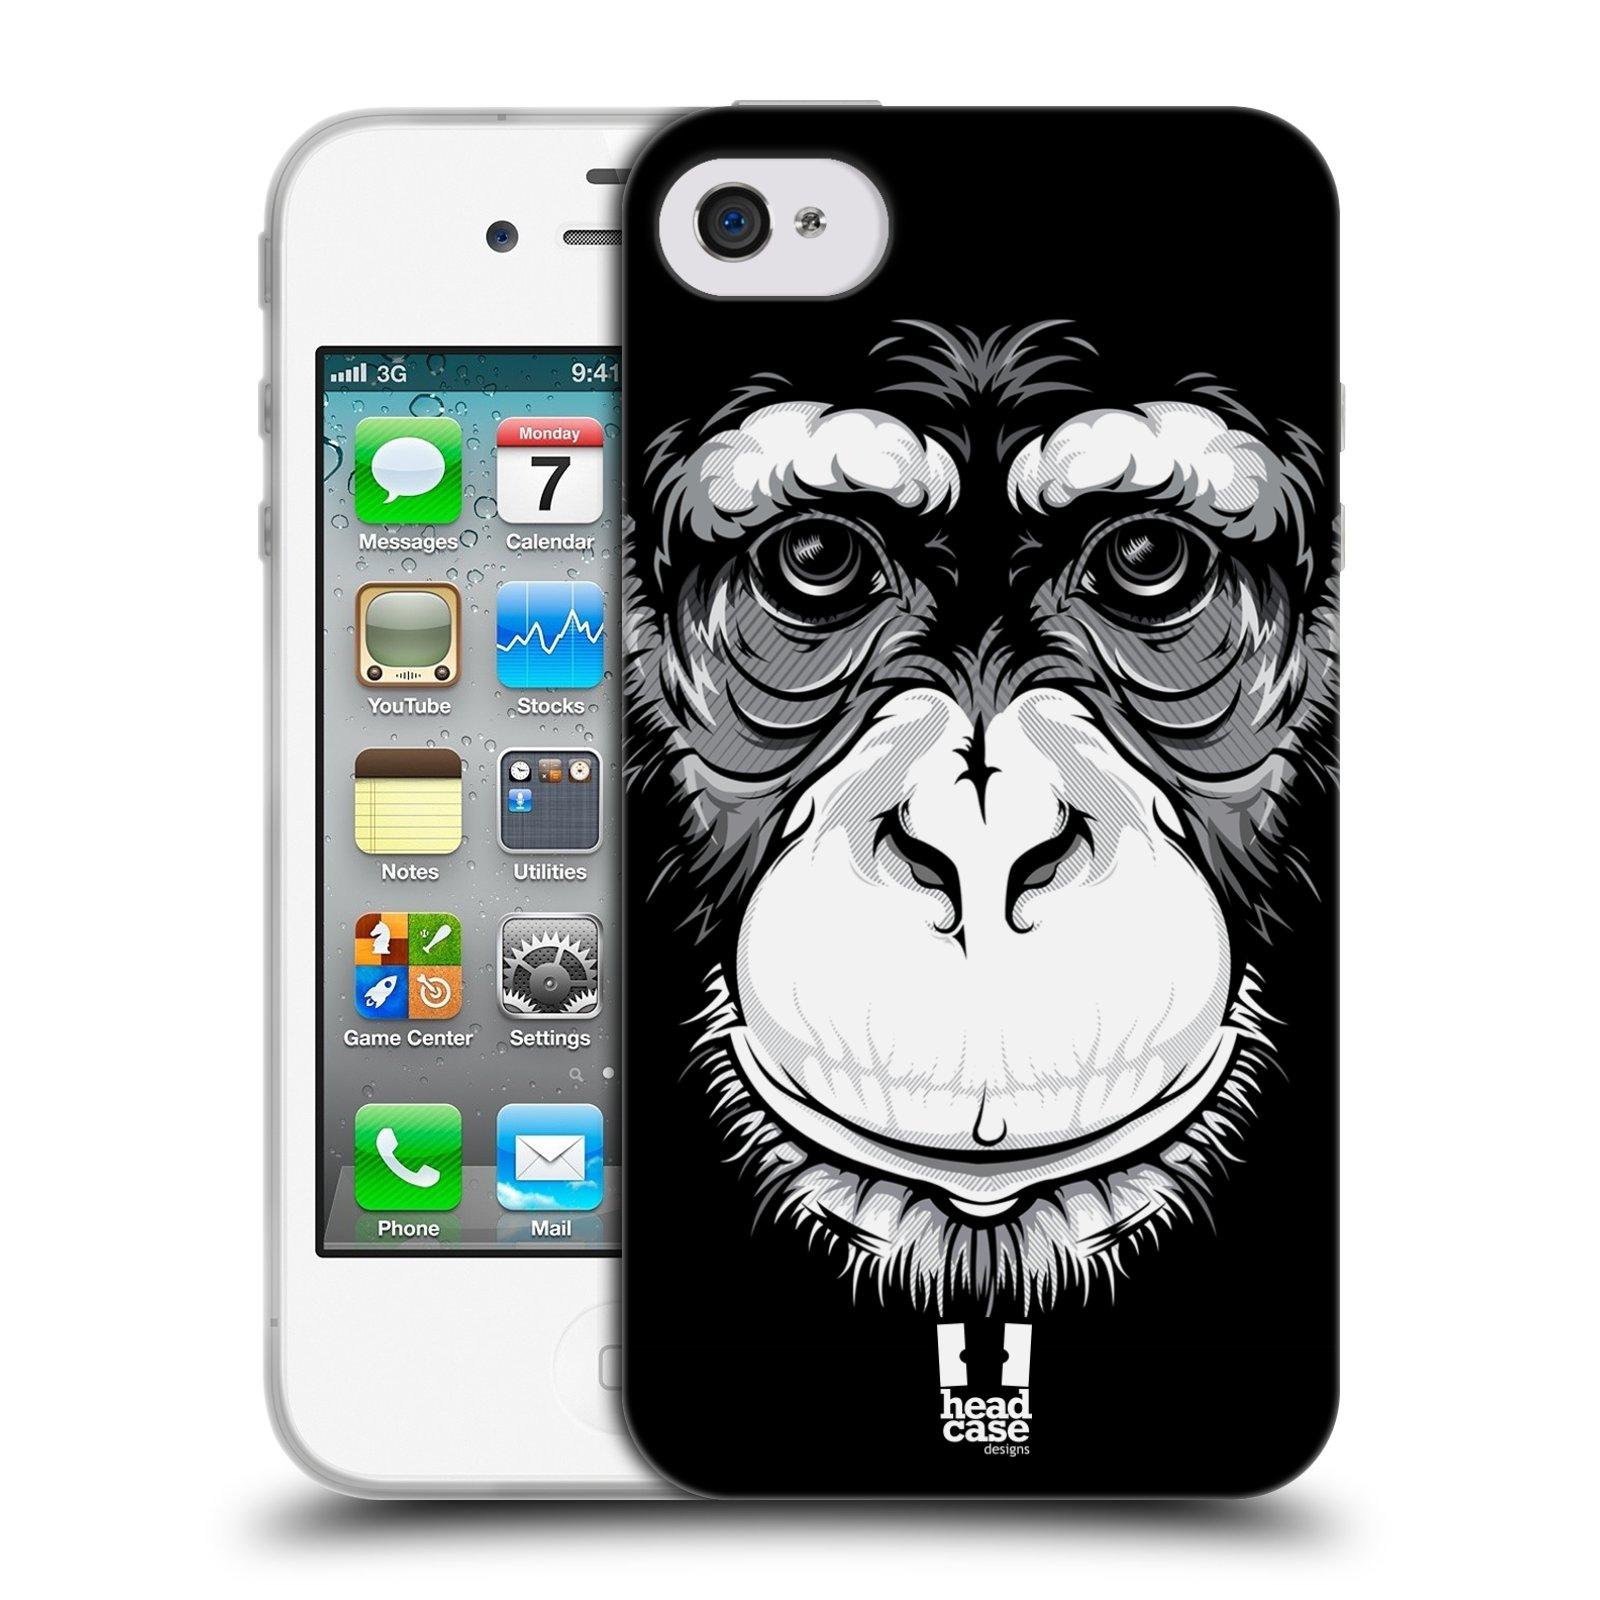 HEAD CASE silikonový obal na mobil Apple Iphone 4/4S vzor Zvíře kreslená tvář šimpanz